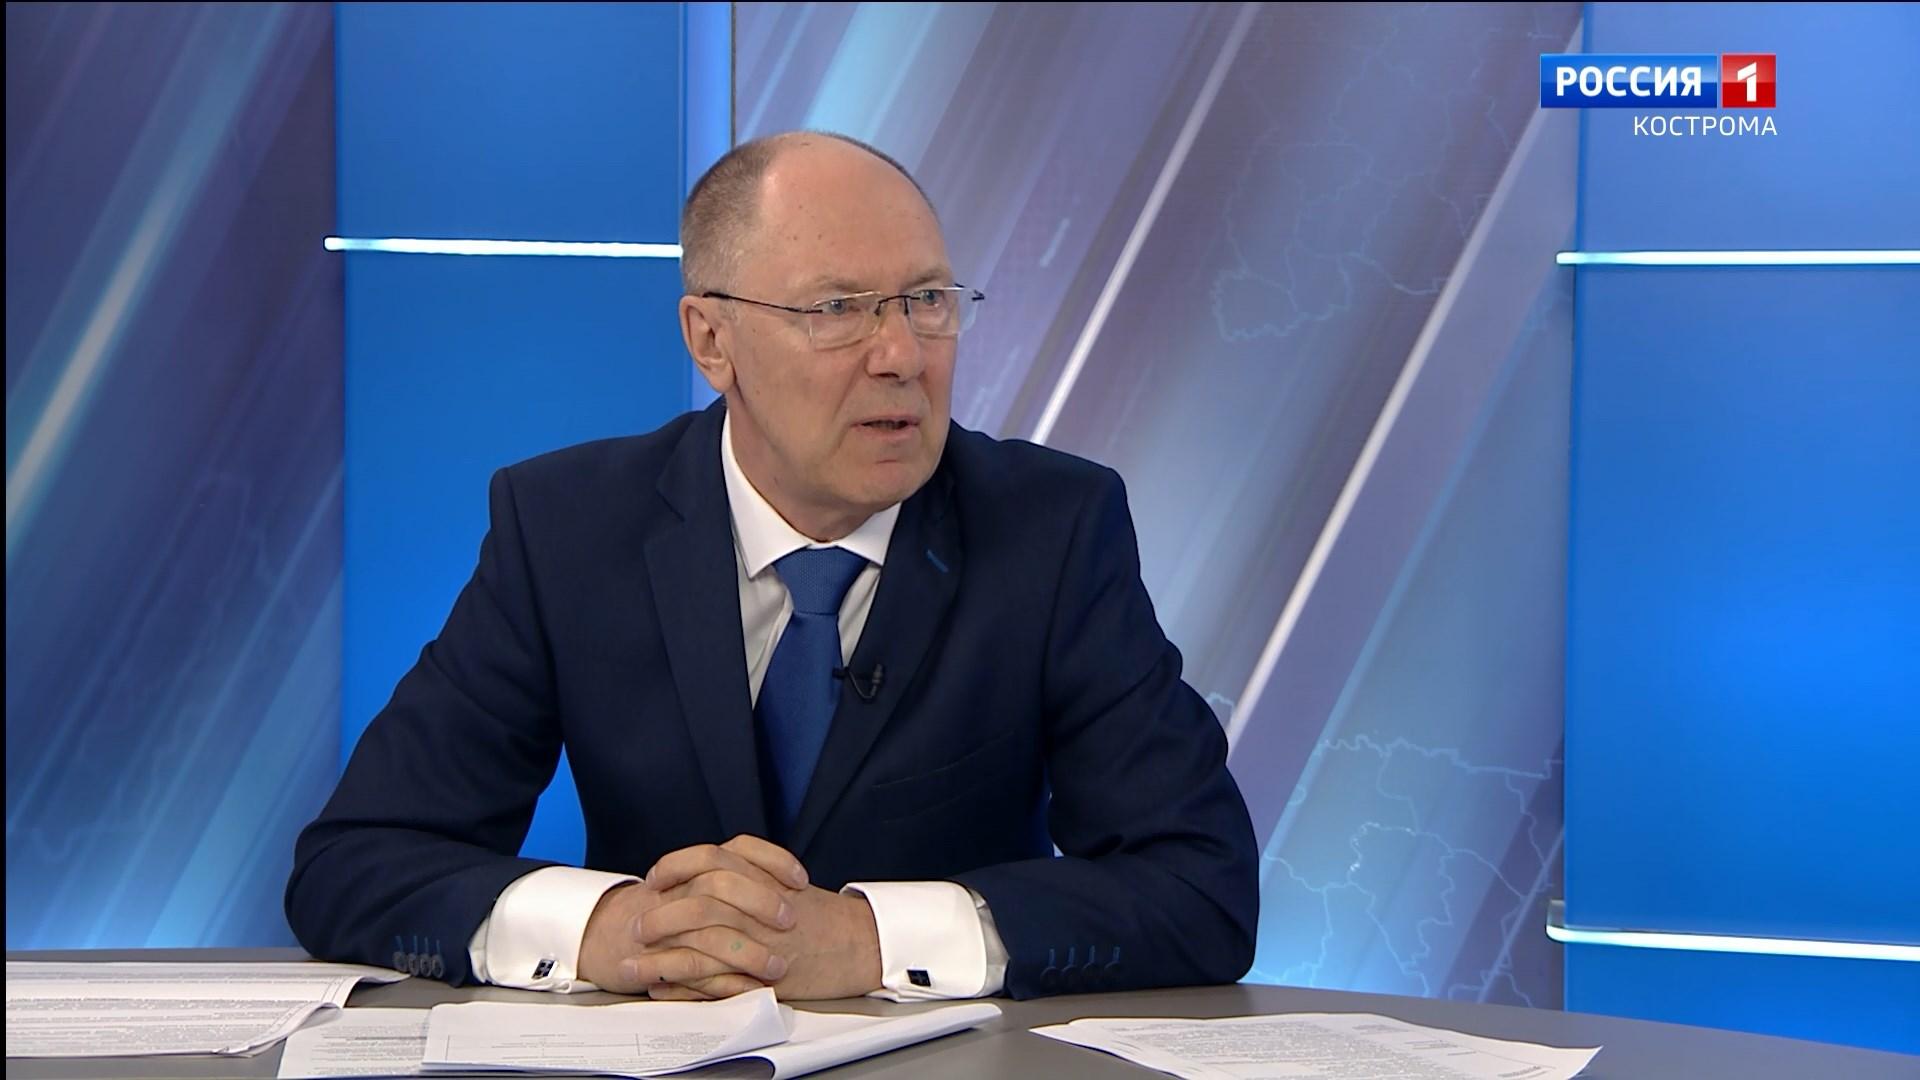 Сентябрьские выборы в Костромской области пройдут с поправкой на пандемию